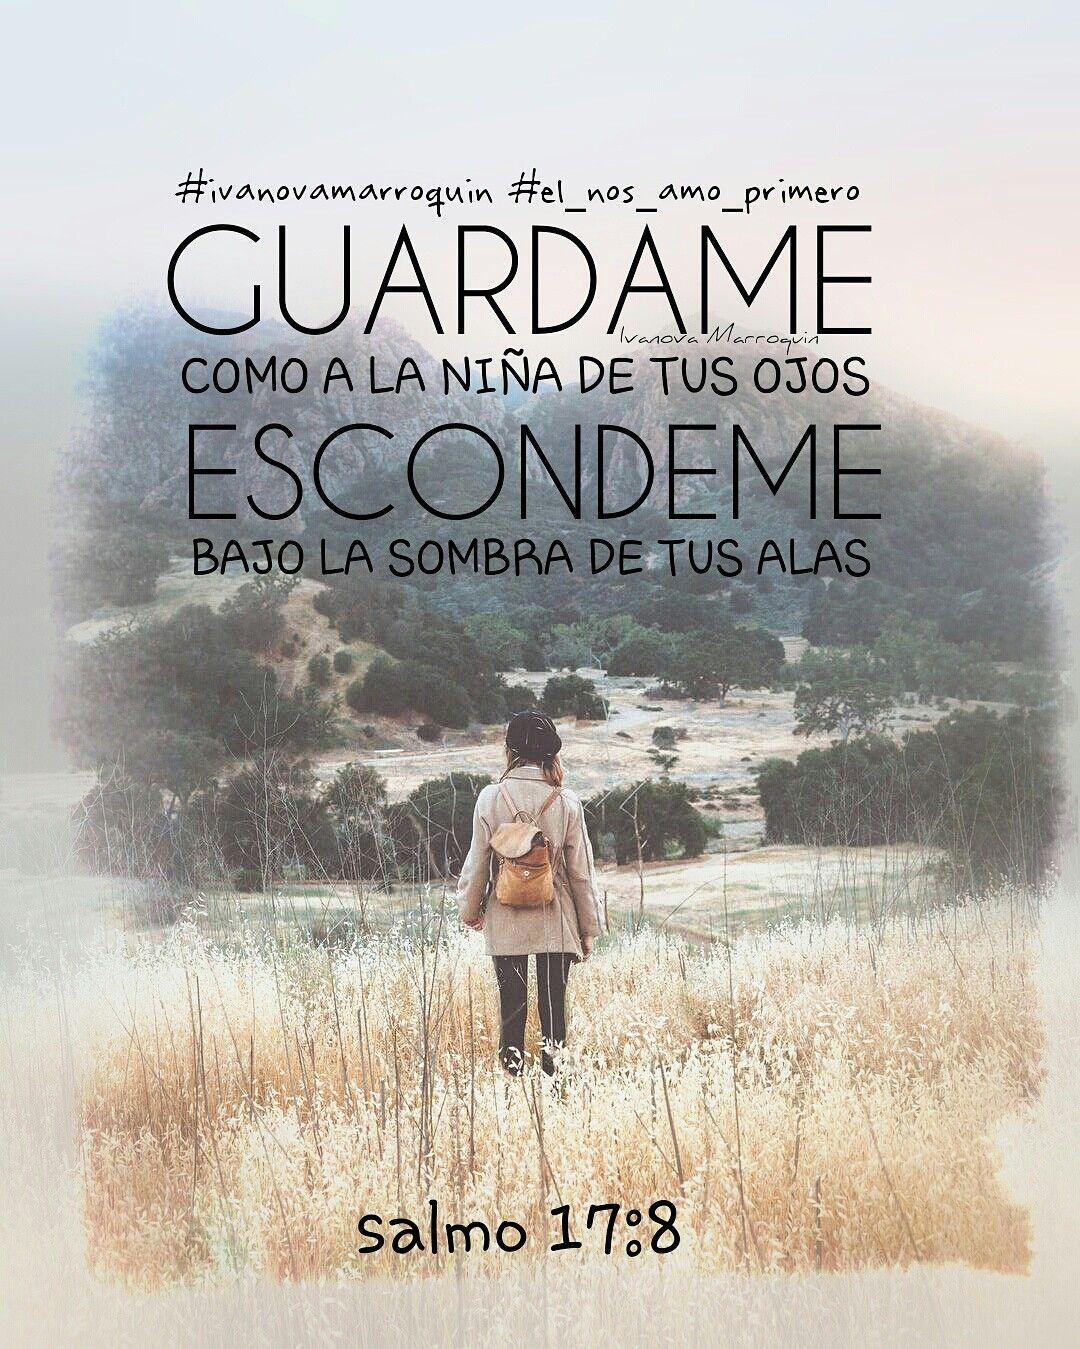 Versiculos De La Biblia De Fe: Tumblr: @el-nos-amo-primero Twitter: @nos_amo Instagram